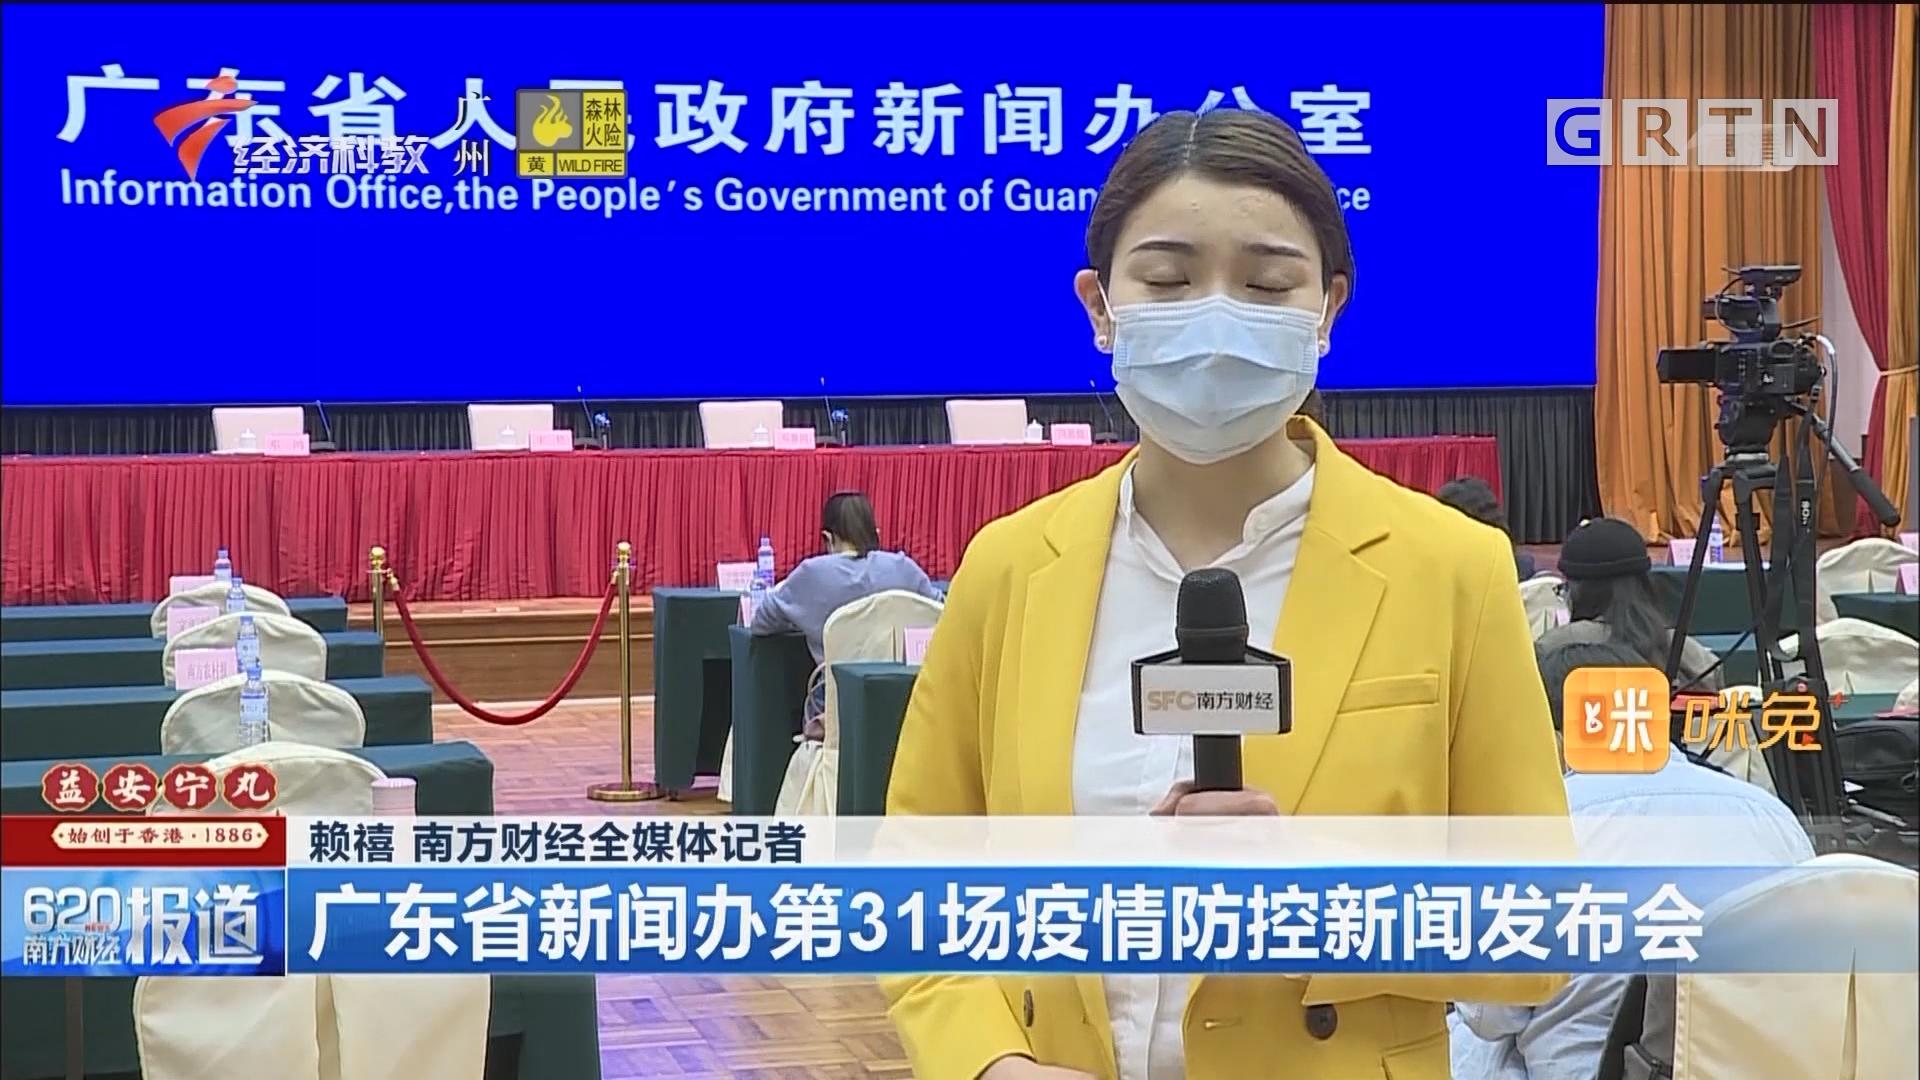 廣東省新聞辦第31場疫情防控新聞發布會